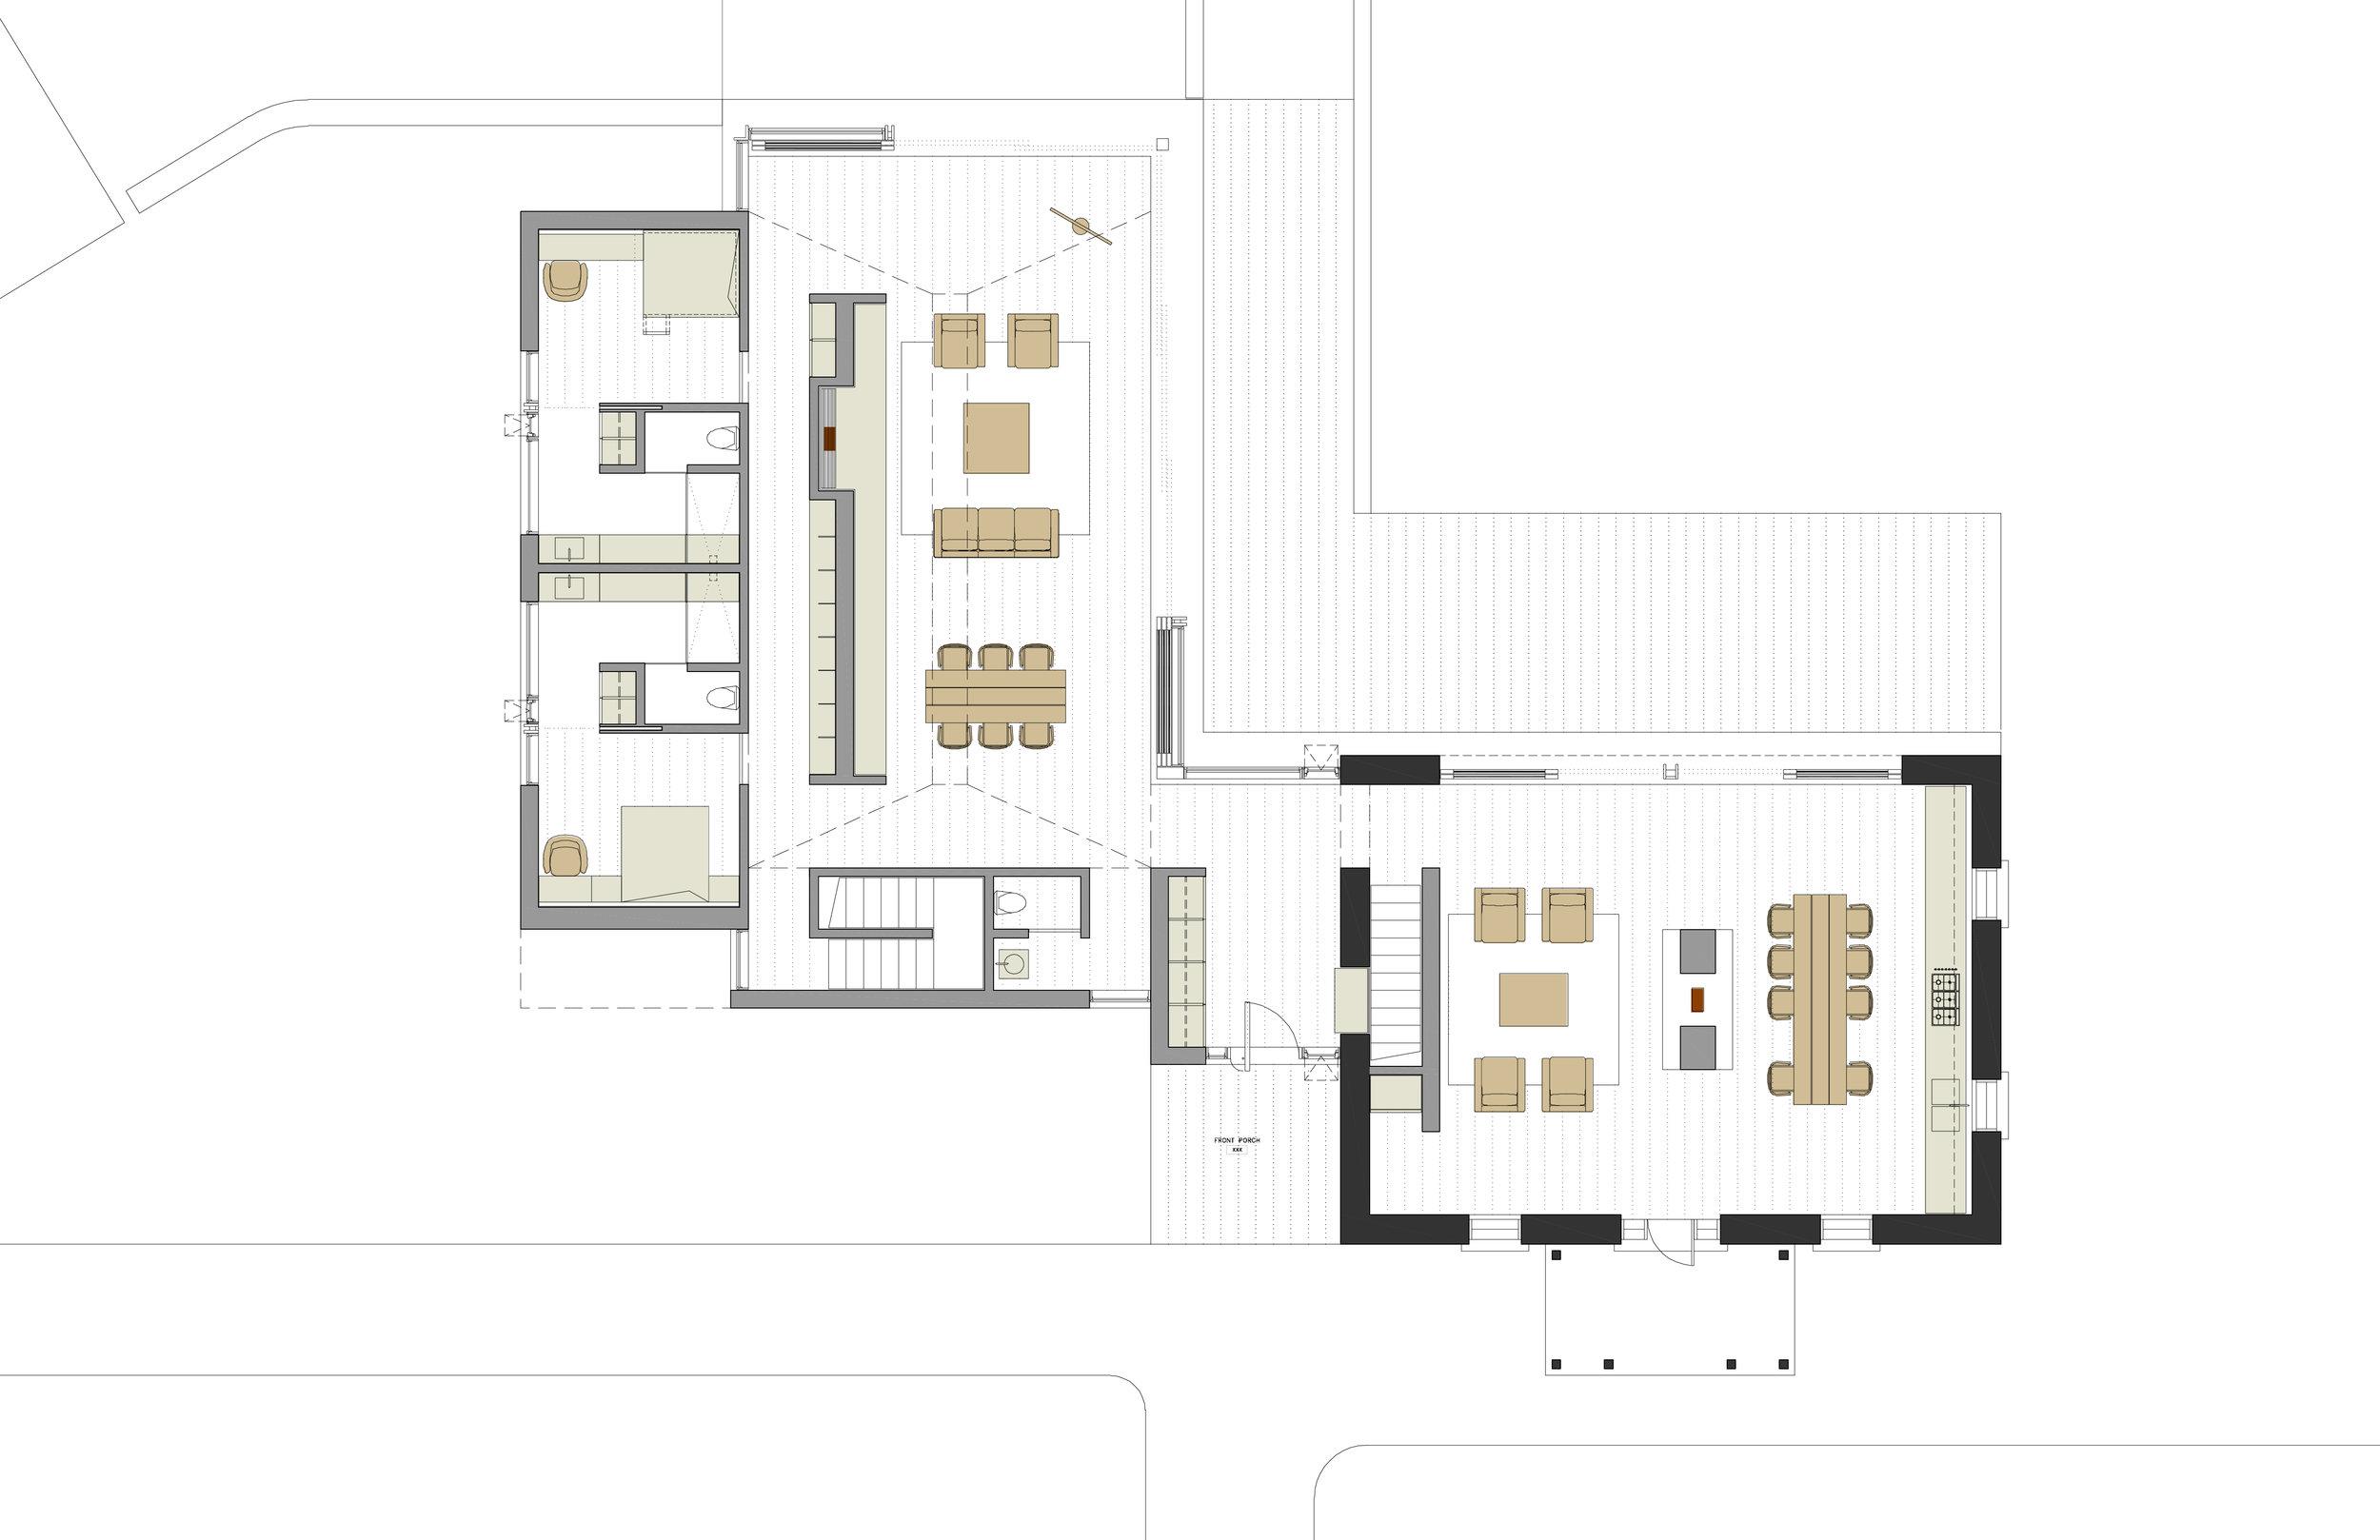 Plan-ground2-01.jpg